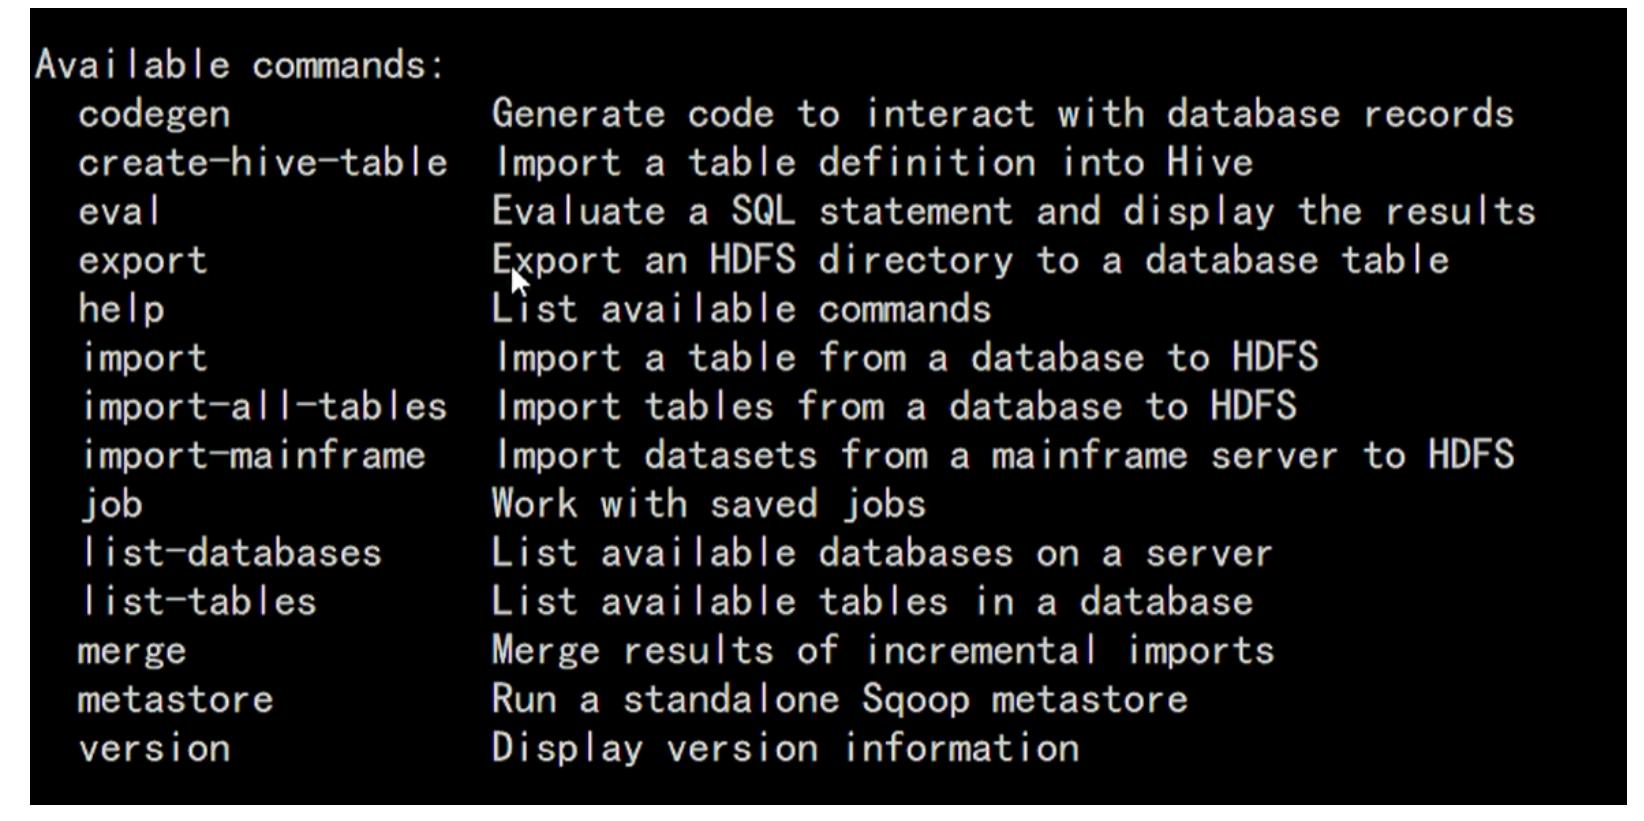 [外链图片转存失败,源站可能有防盗链机制,建议将图片保存下来直接上传(img-rmFIhPTn-1603676112544)(hadoop.assets/image-20201024173505818.png)]